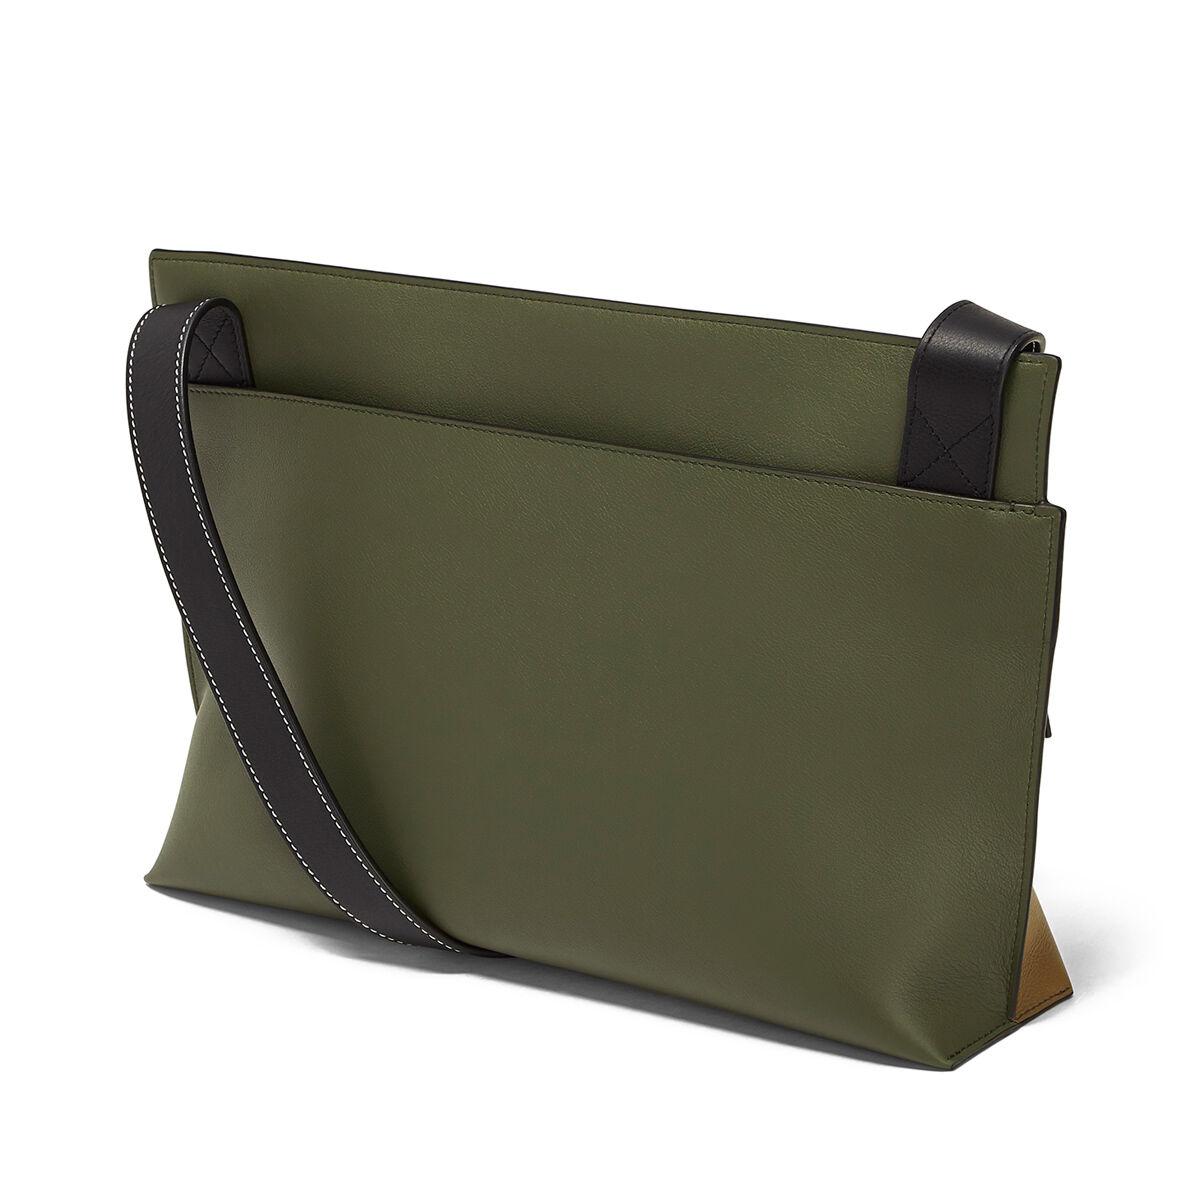 LOEWE Bolso T Messenger Topo Oscuro/Verde Militar/Negr all